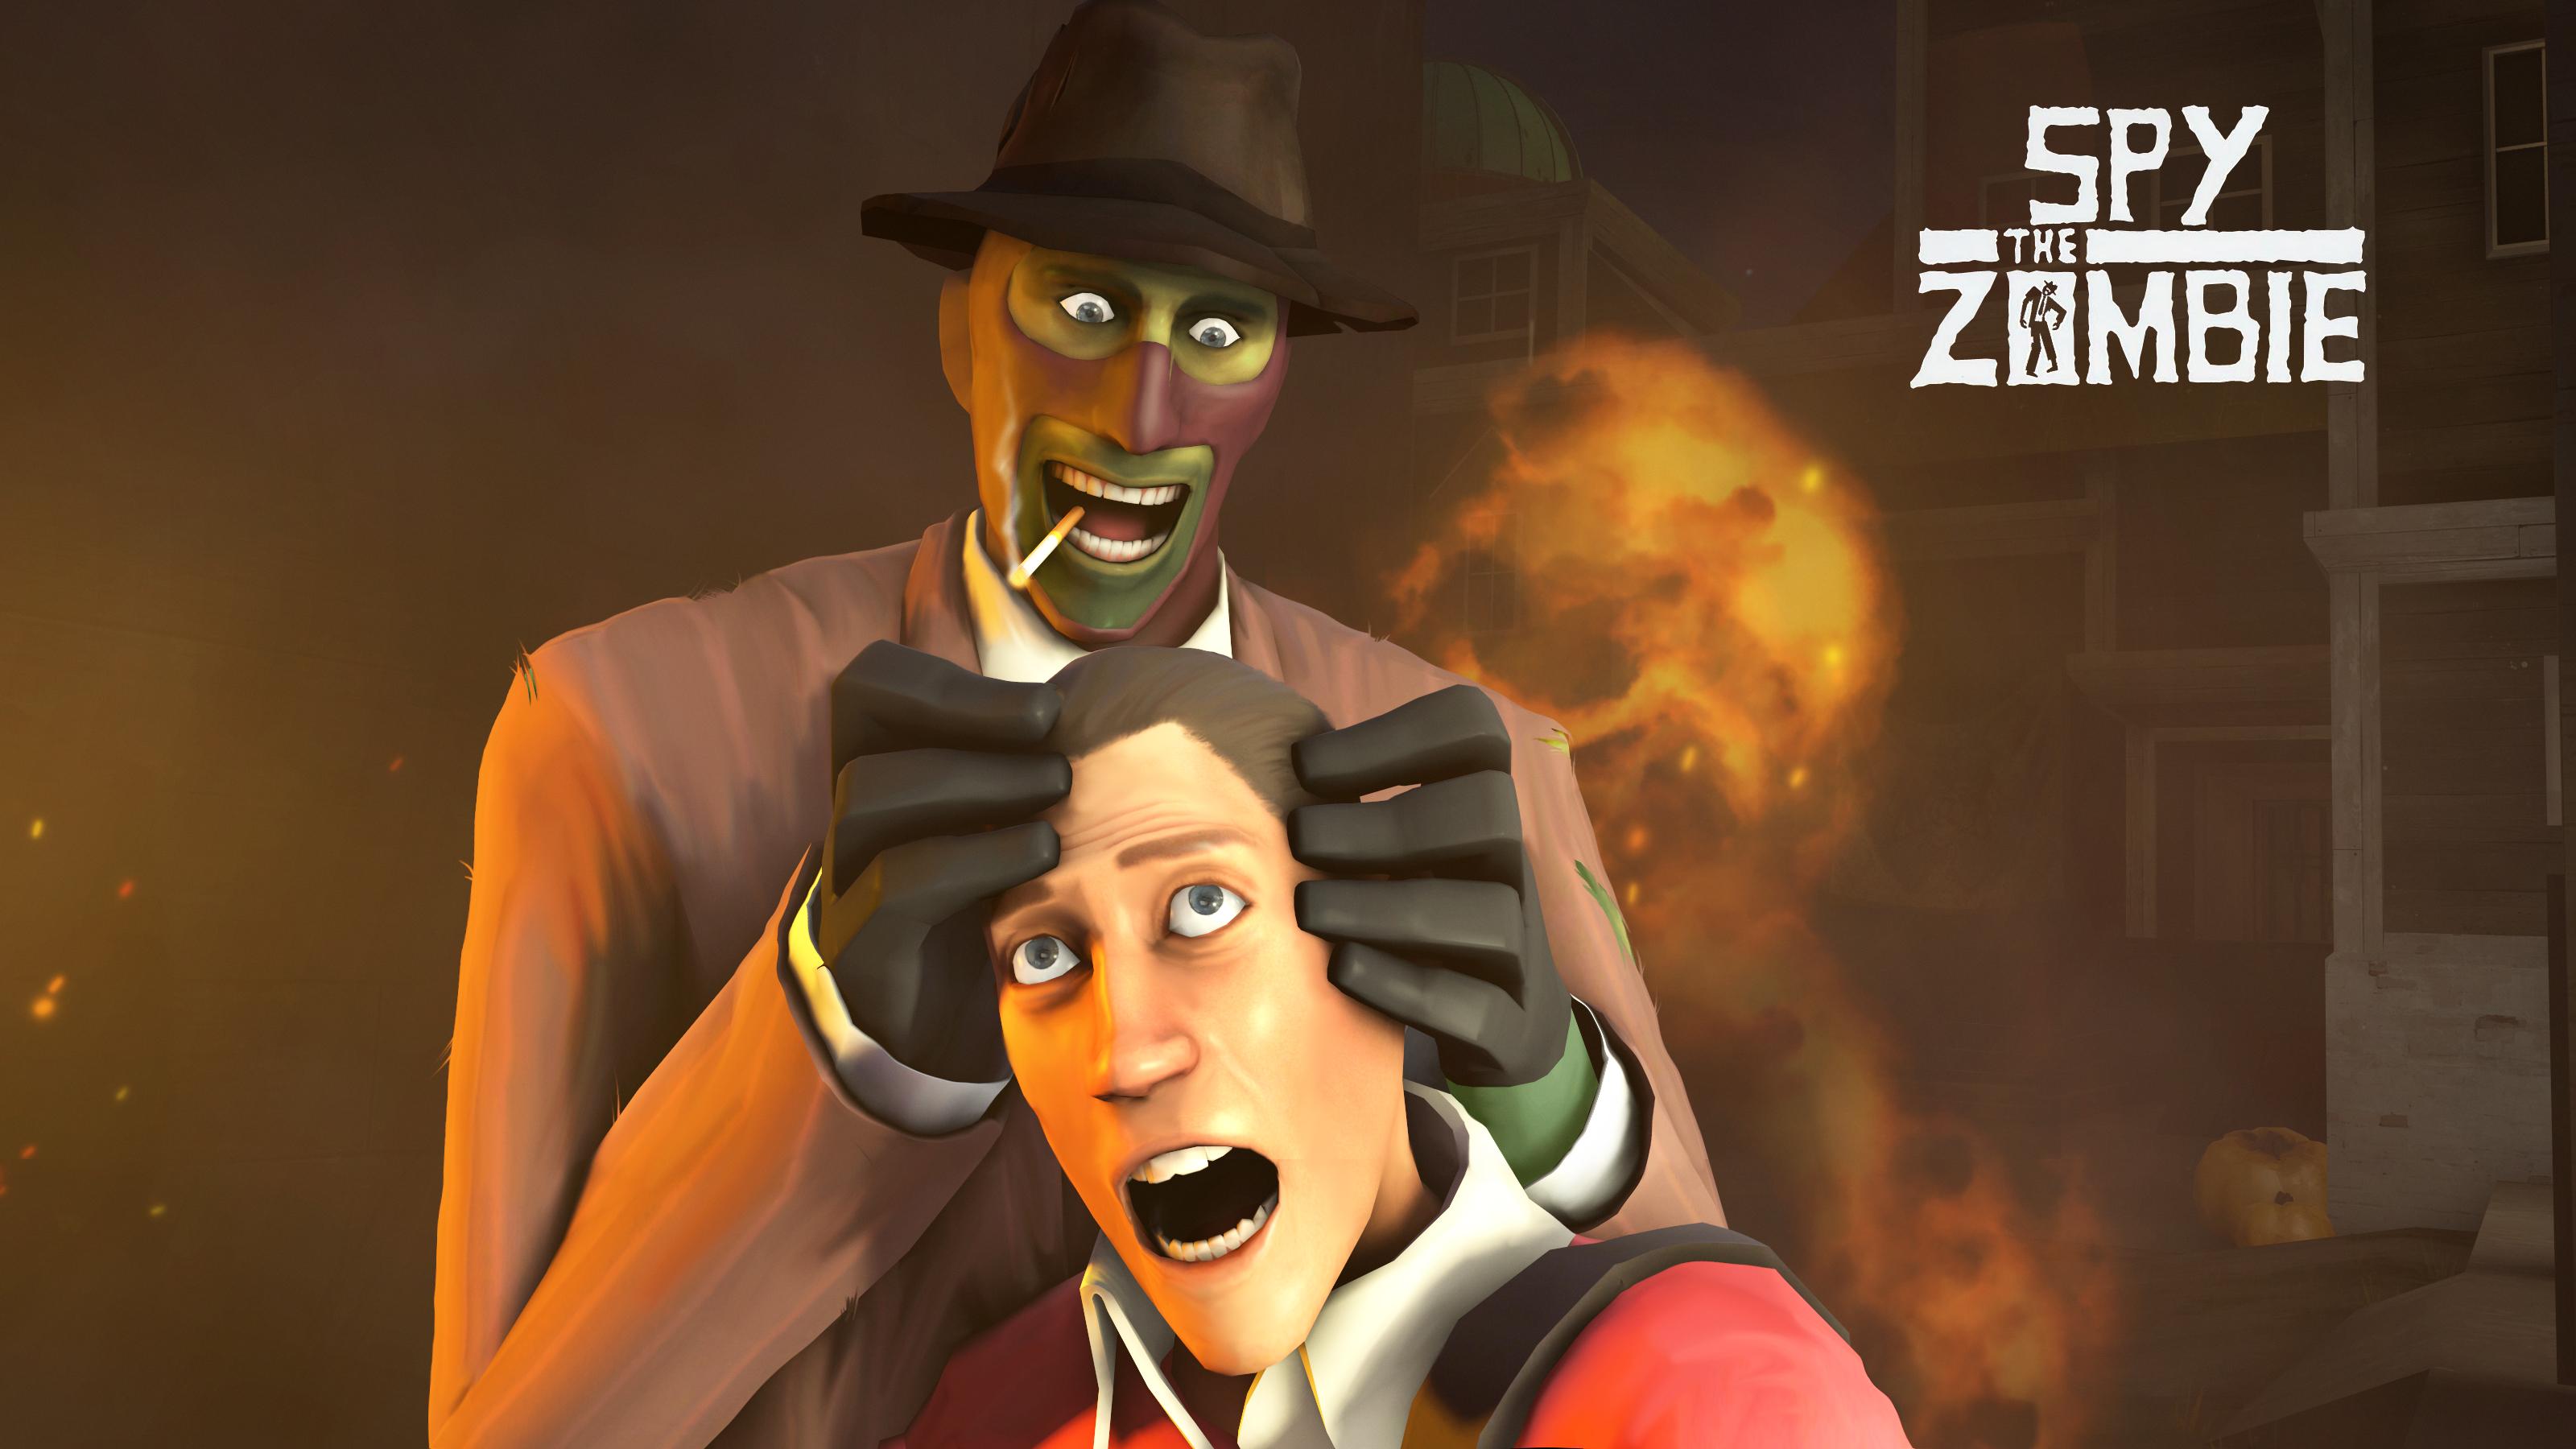 Spy the Zombie by MrRiar